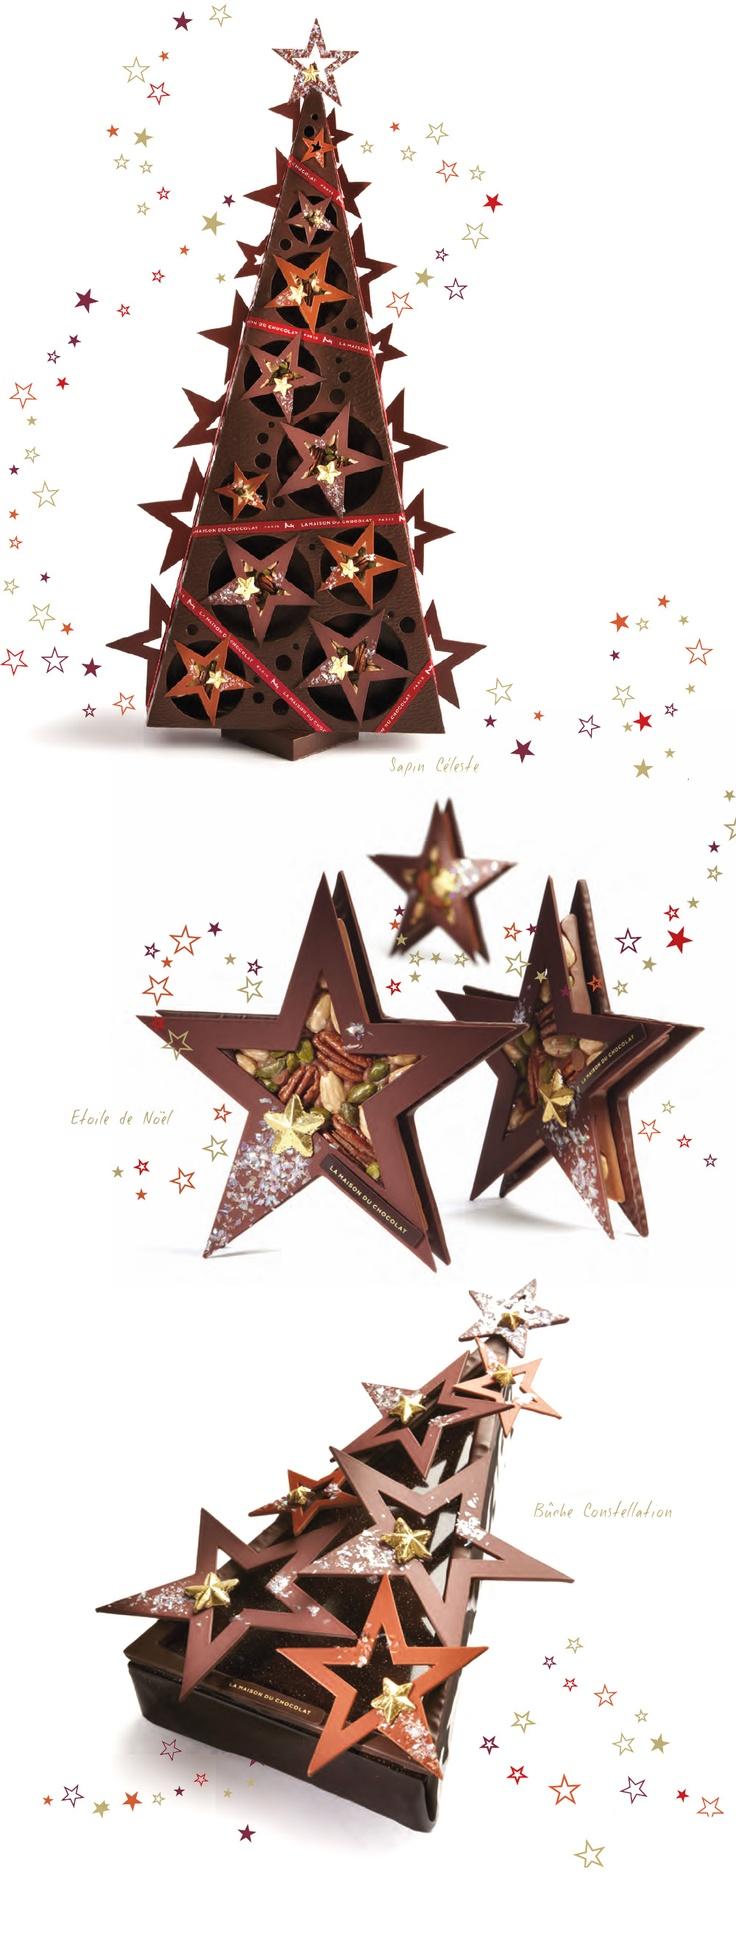 Noël sous les étoiles à La Maison du Chocolat